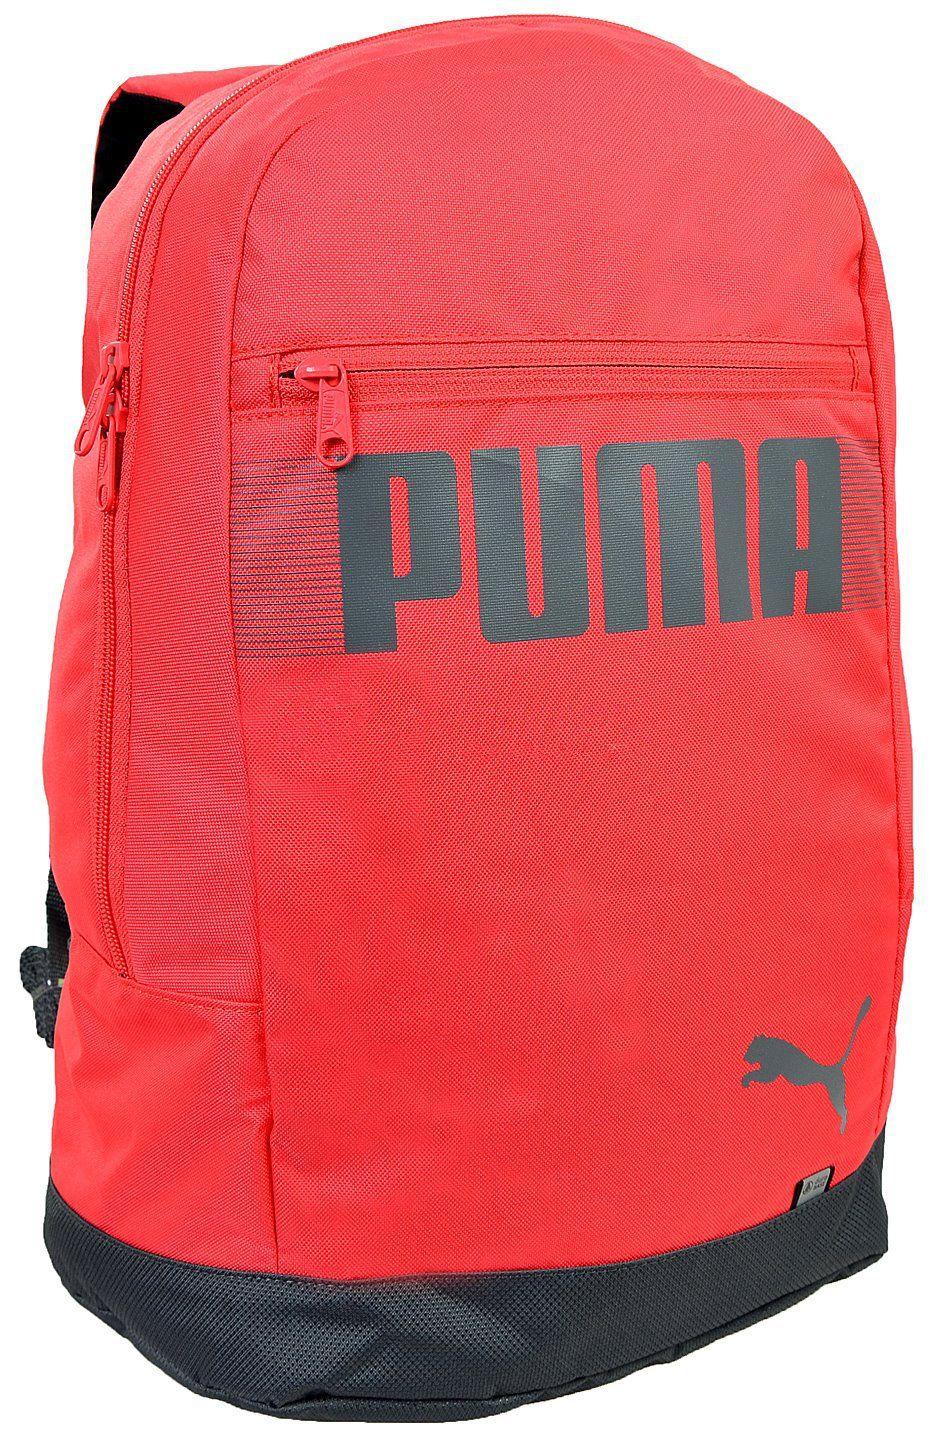 63d7aa604f071 Plecak Puma pioneer malinowy  Plecak Puma pioneer malinowy ...